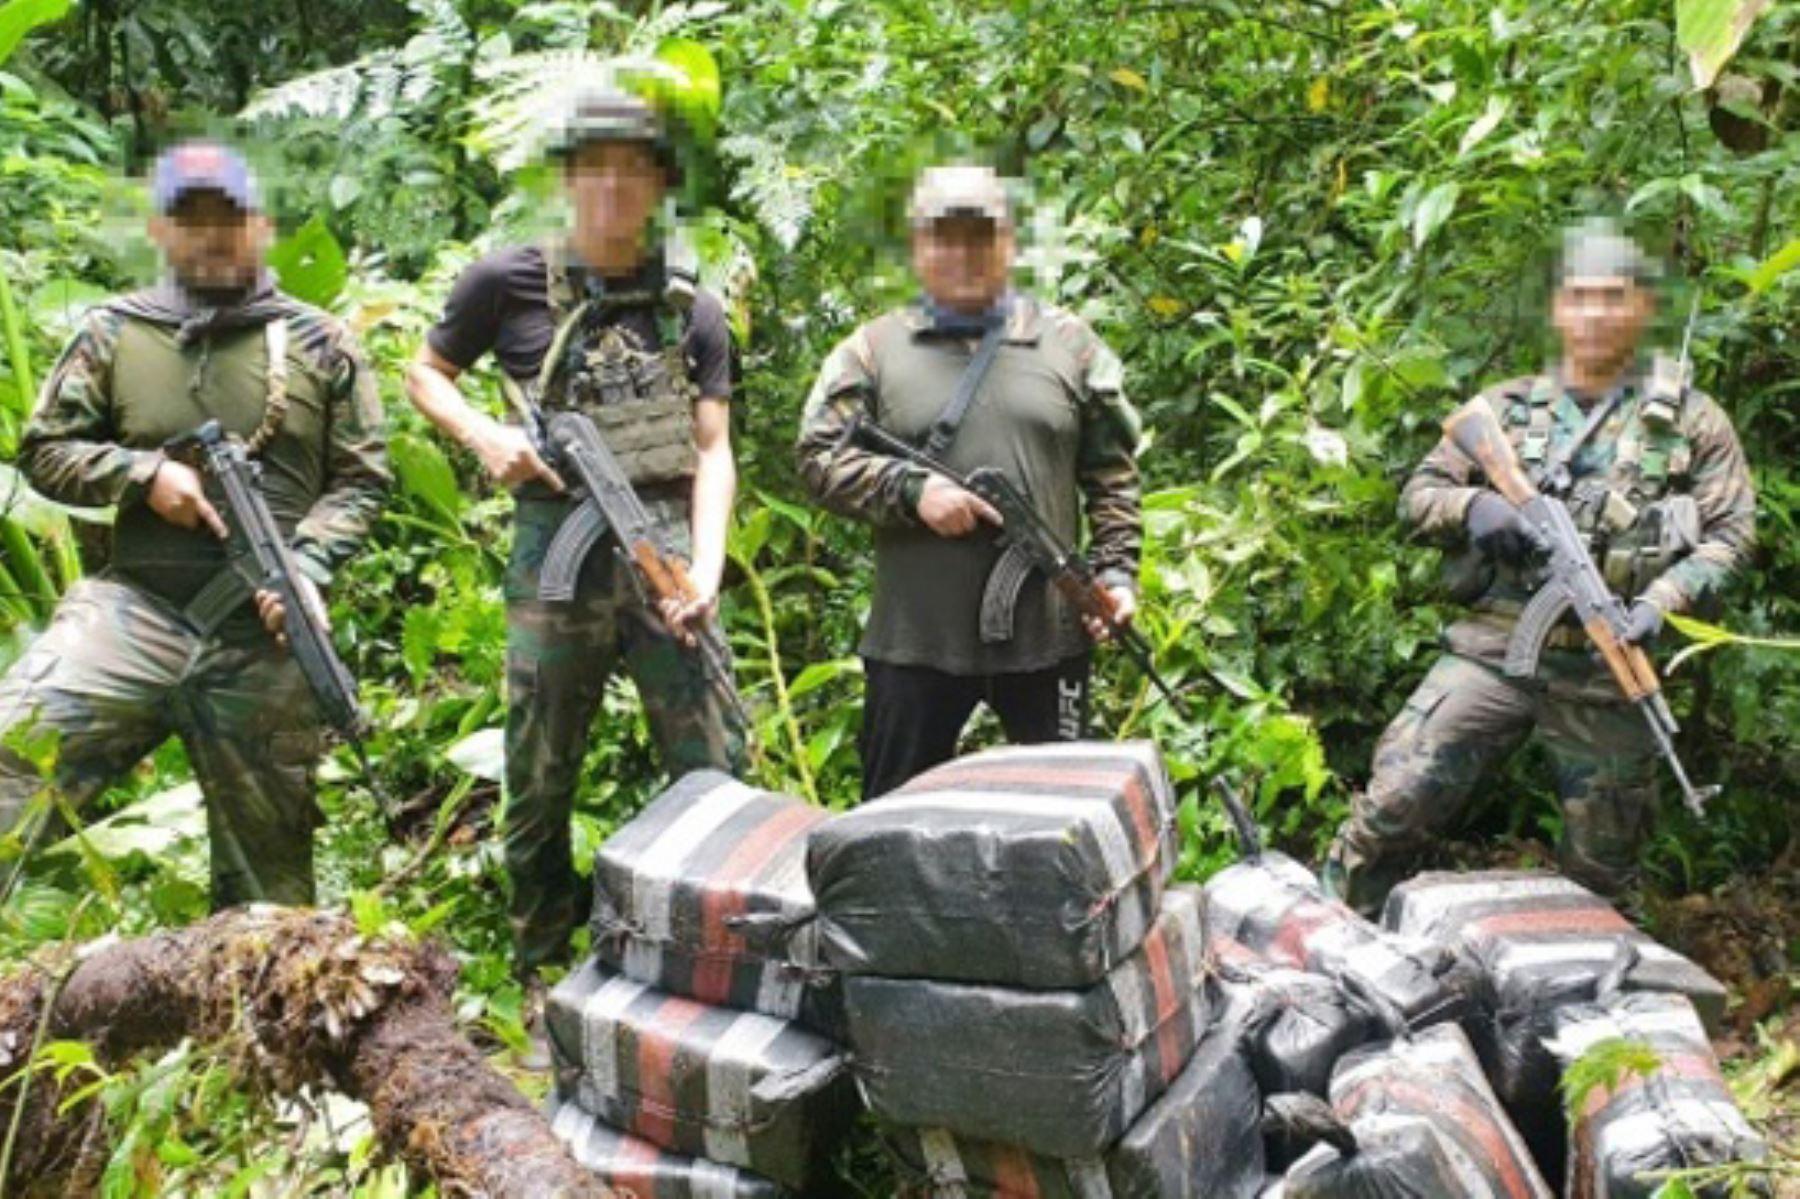 Un total de 956 kilos de clorhidrato de cocaína de alta pureza fueron incautados en un campamento clandestino en el Cusco. Foto: ANDINA/Difusión